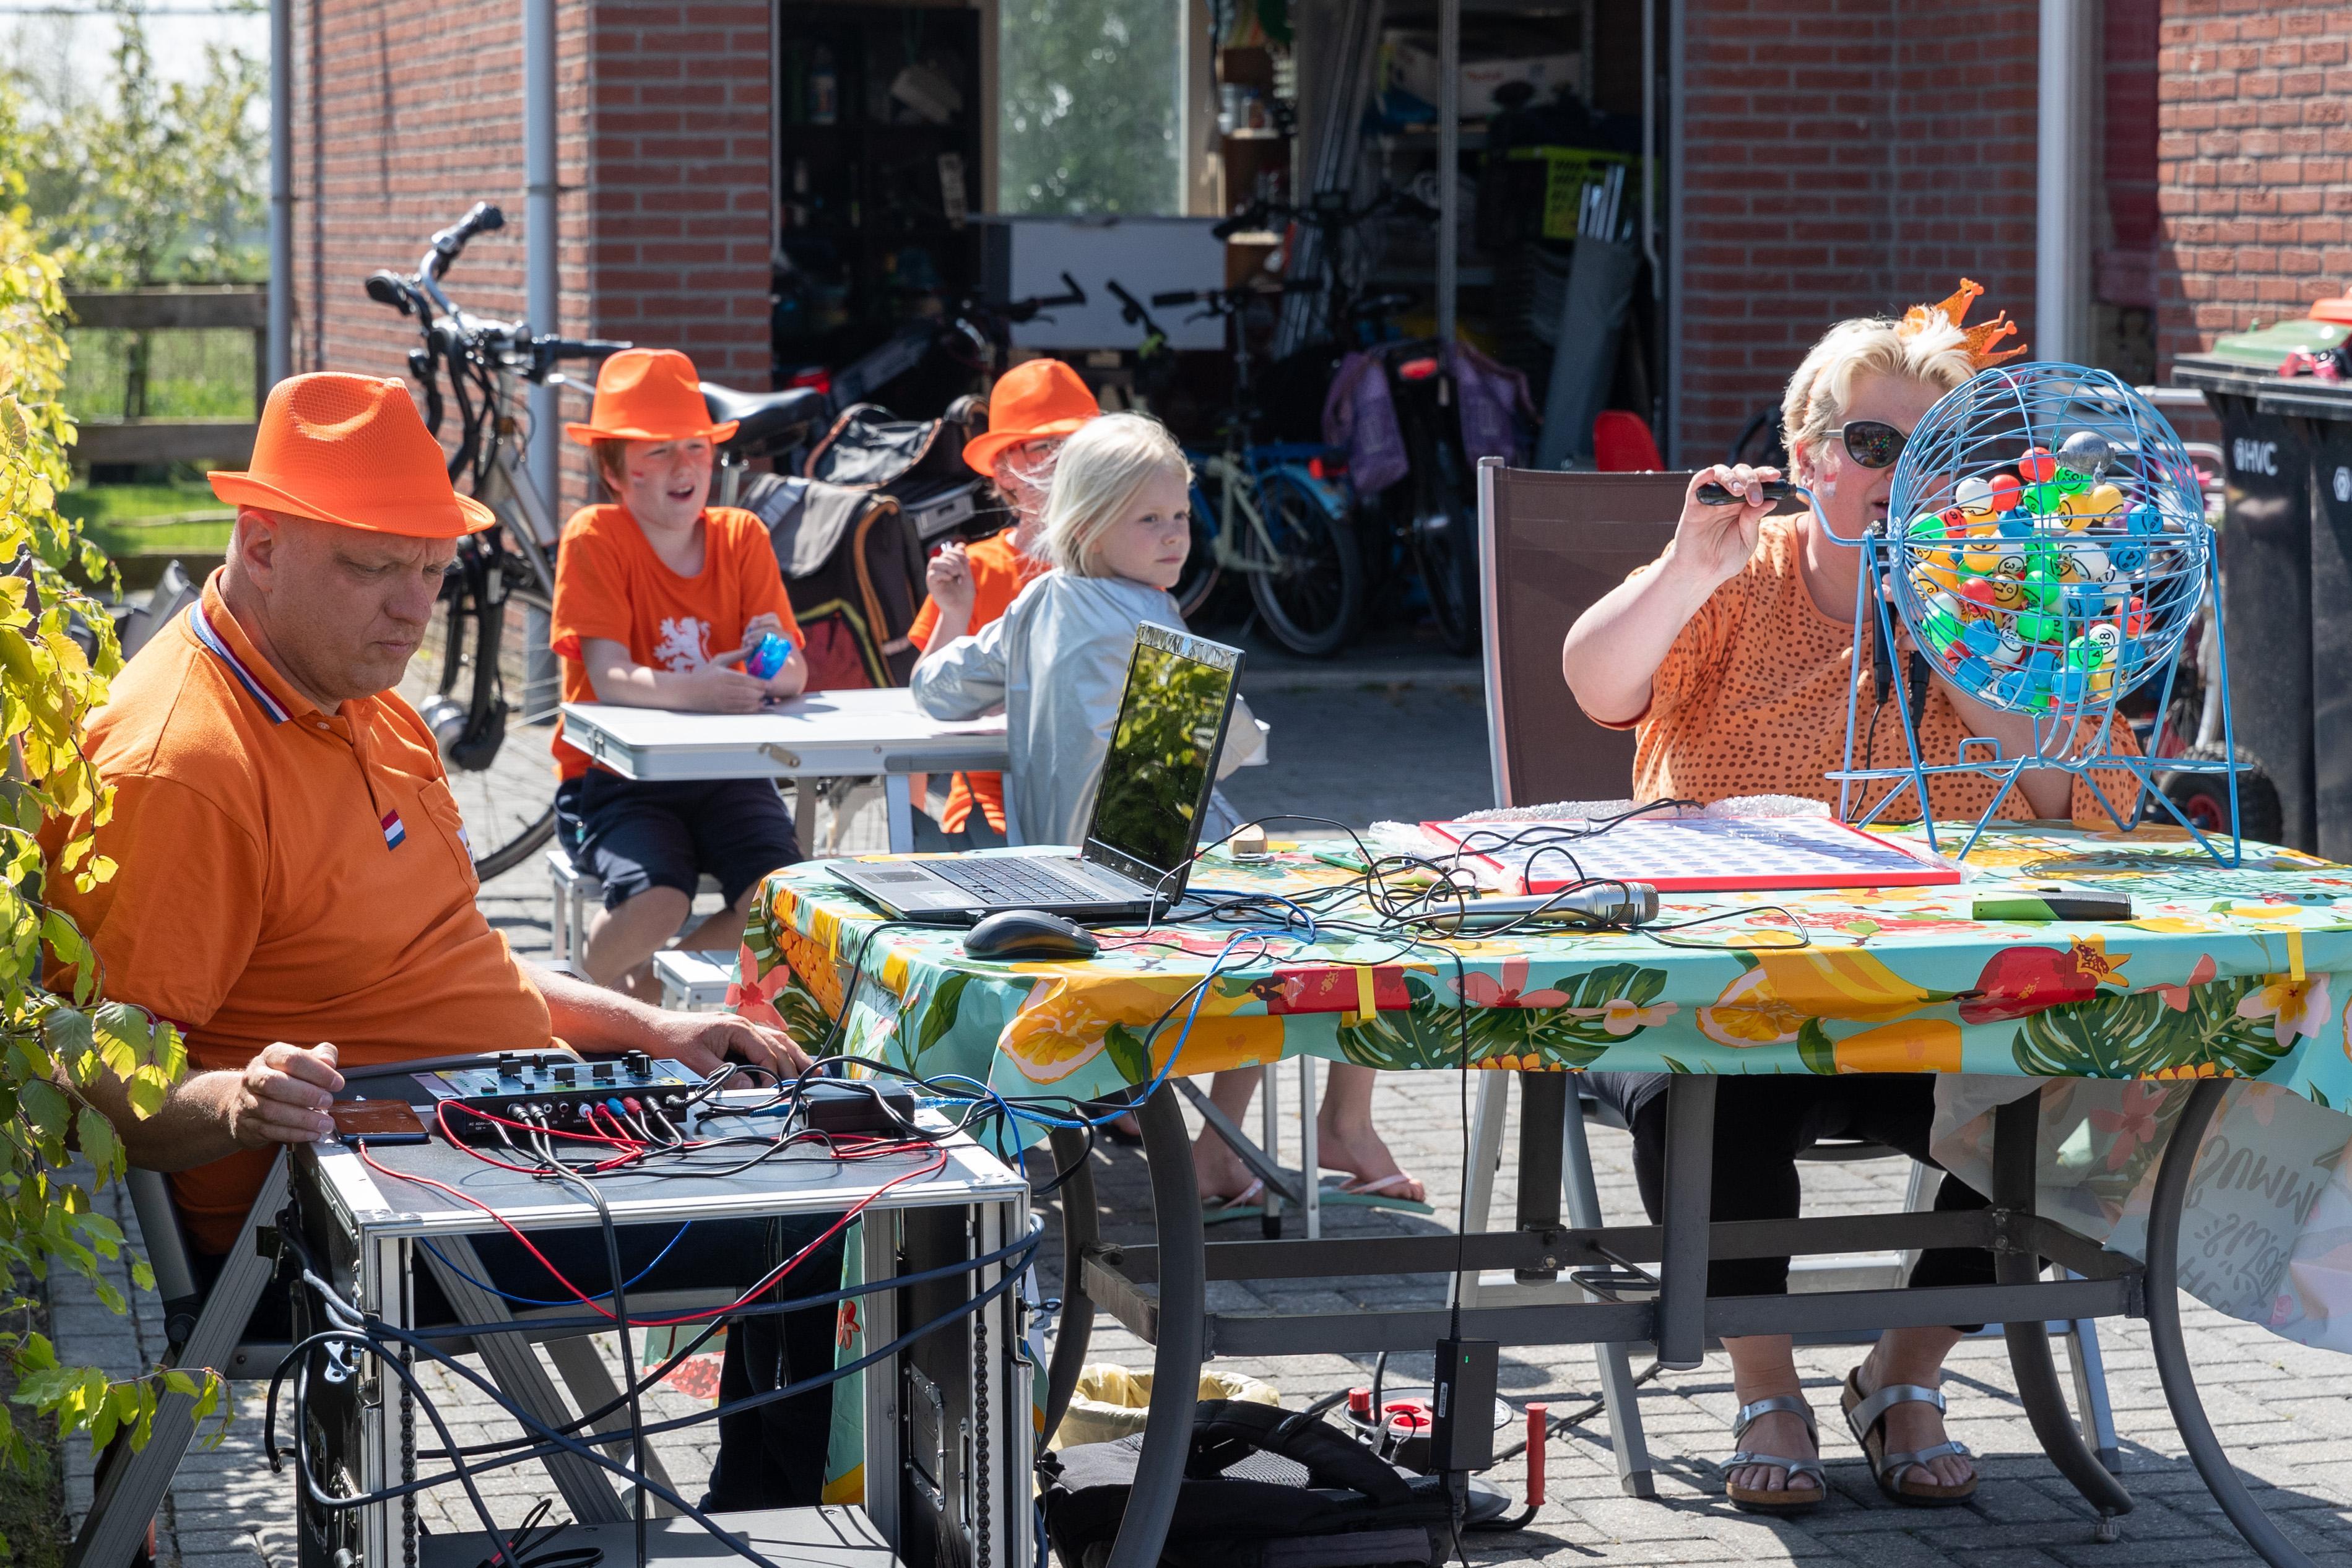 Straatbingo in Hauwert op Koningsdag: een dansje op straat als bewijs van een volle kaart